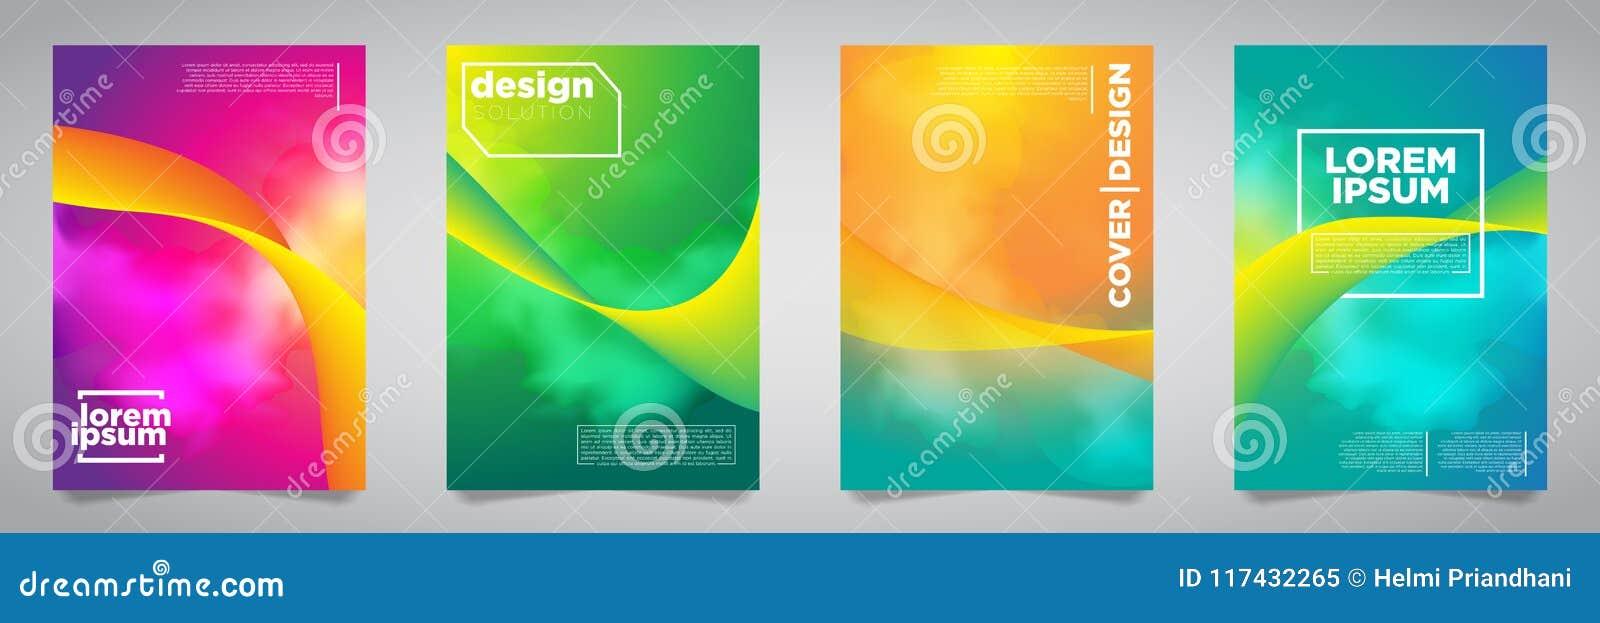 Ζωηρόχρωμο φουτουριστικό μινιμαλιστικό σχέδιο καλύψεων EPS10 διανυσματική απεικόνιση